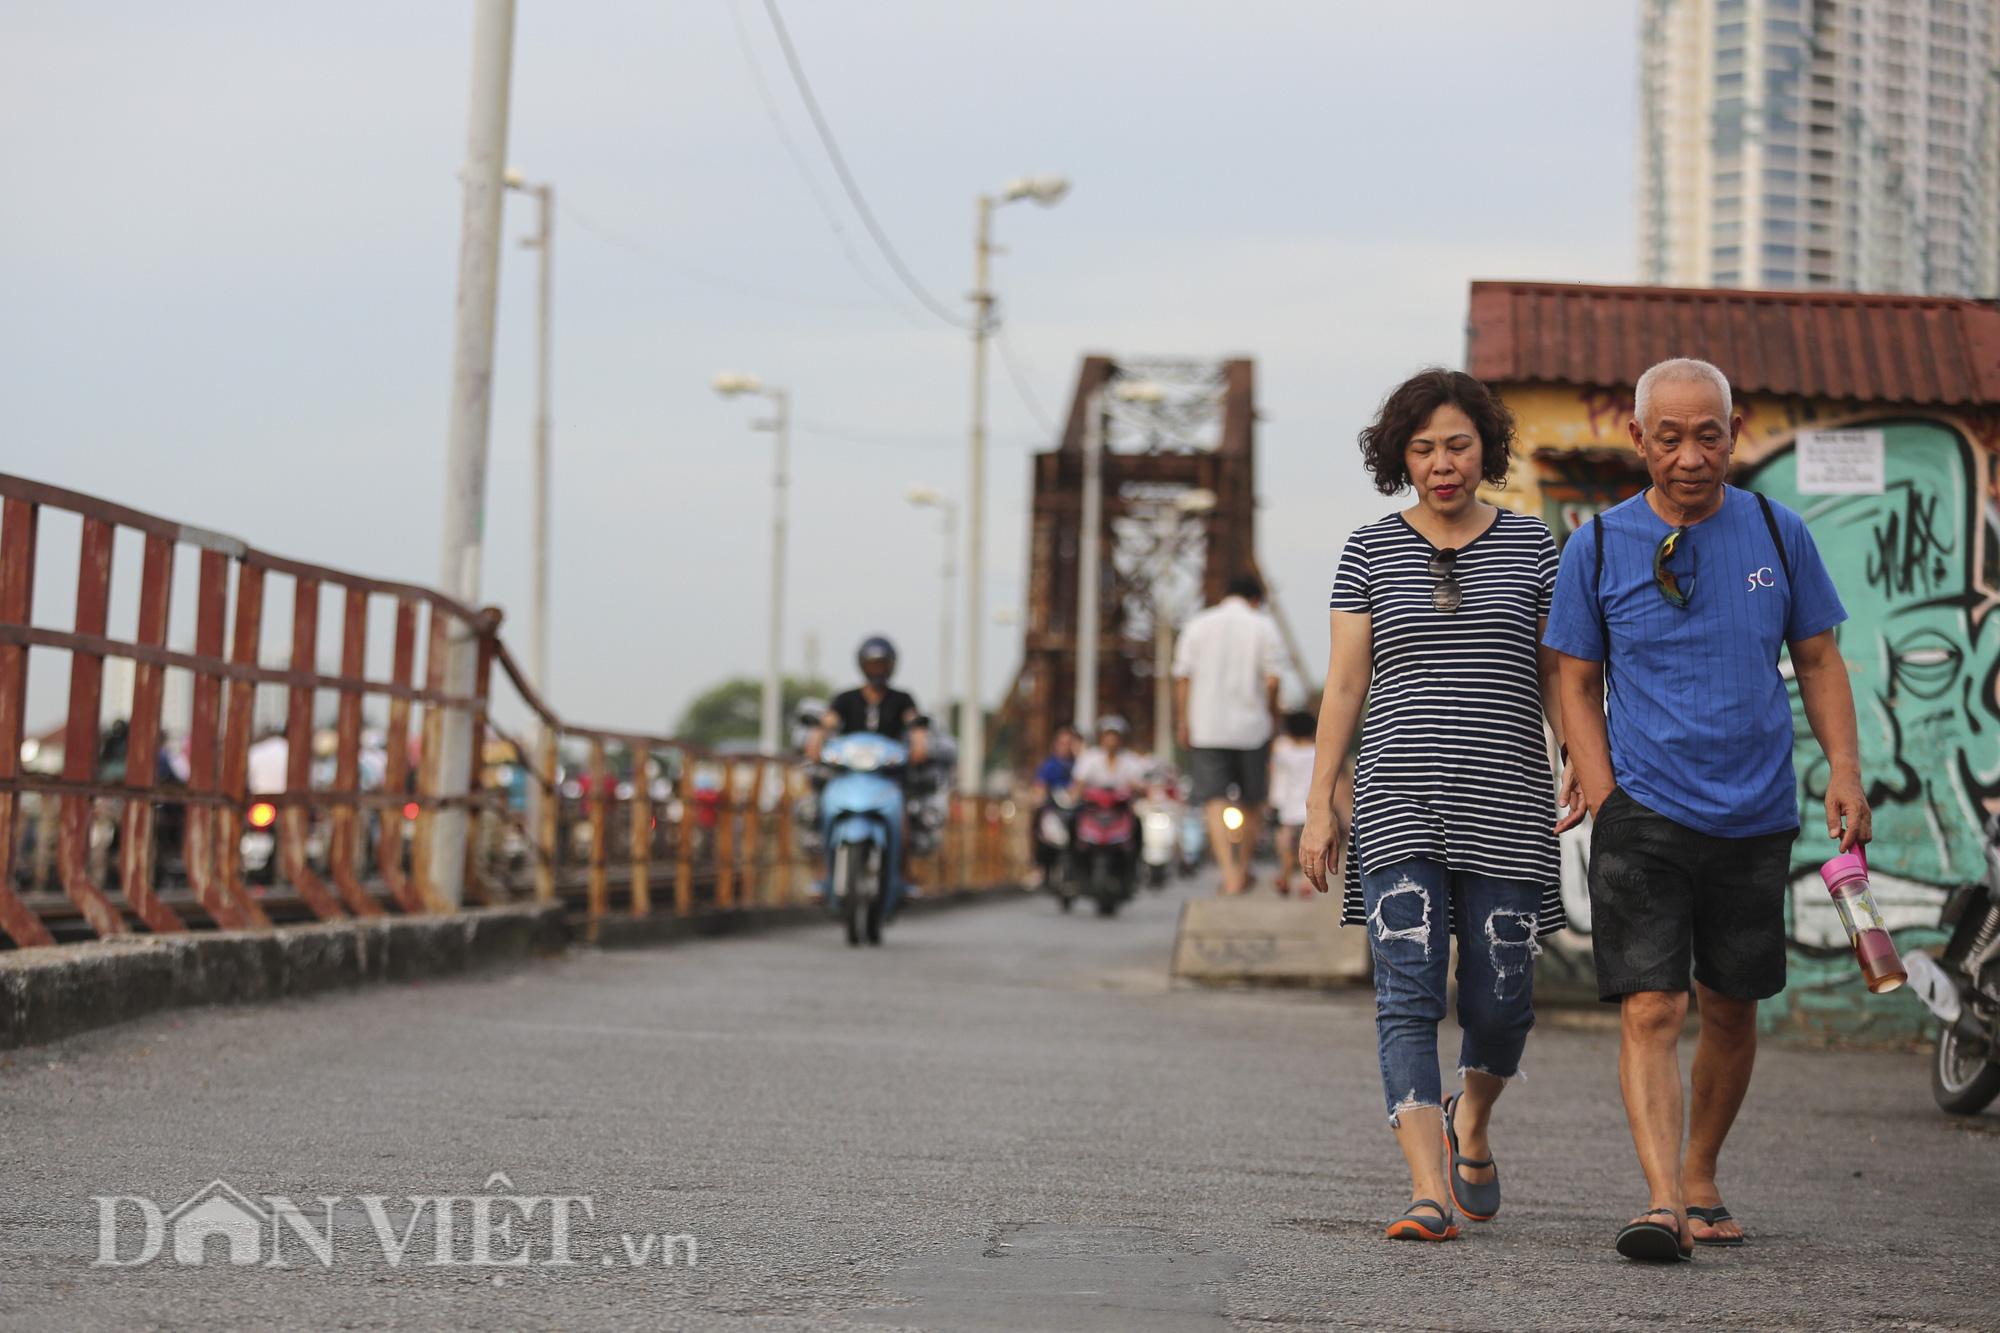 Mặc biển cấm, người dân vẫn vô tư đi bộ trên cầu Long Biên - Ảnh 12.